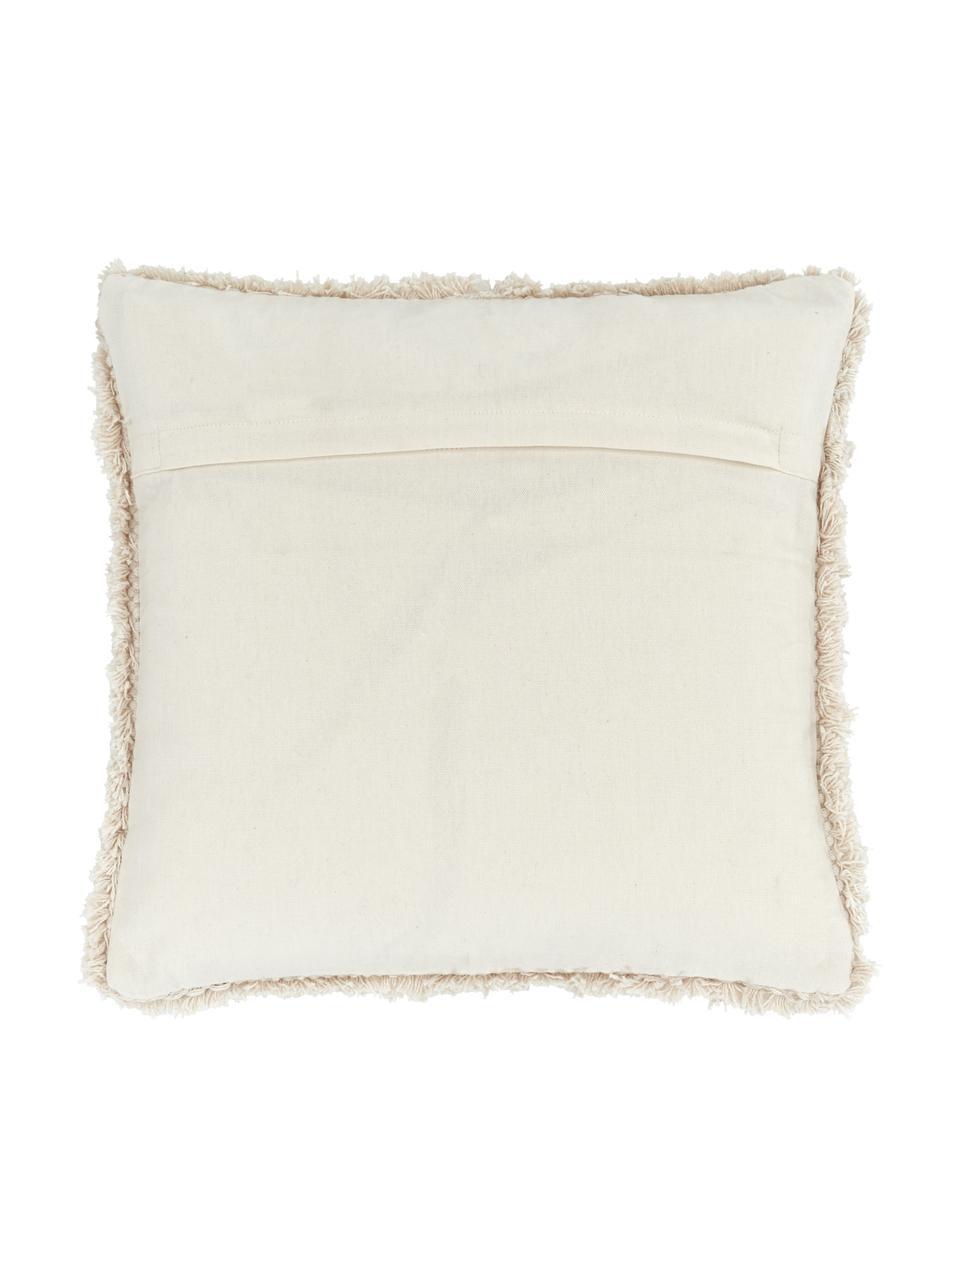 Kissenhülle Selina mit dekorativer Verzierung, 100% Baumwolle, Beige, 45 x 45 cm